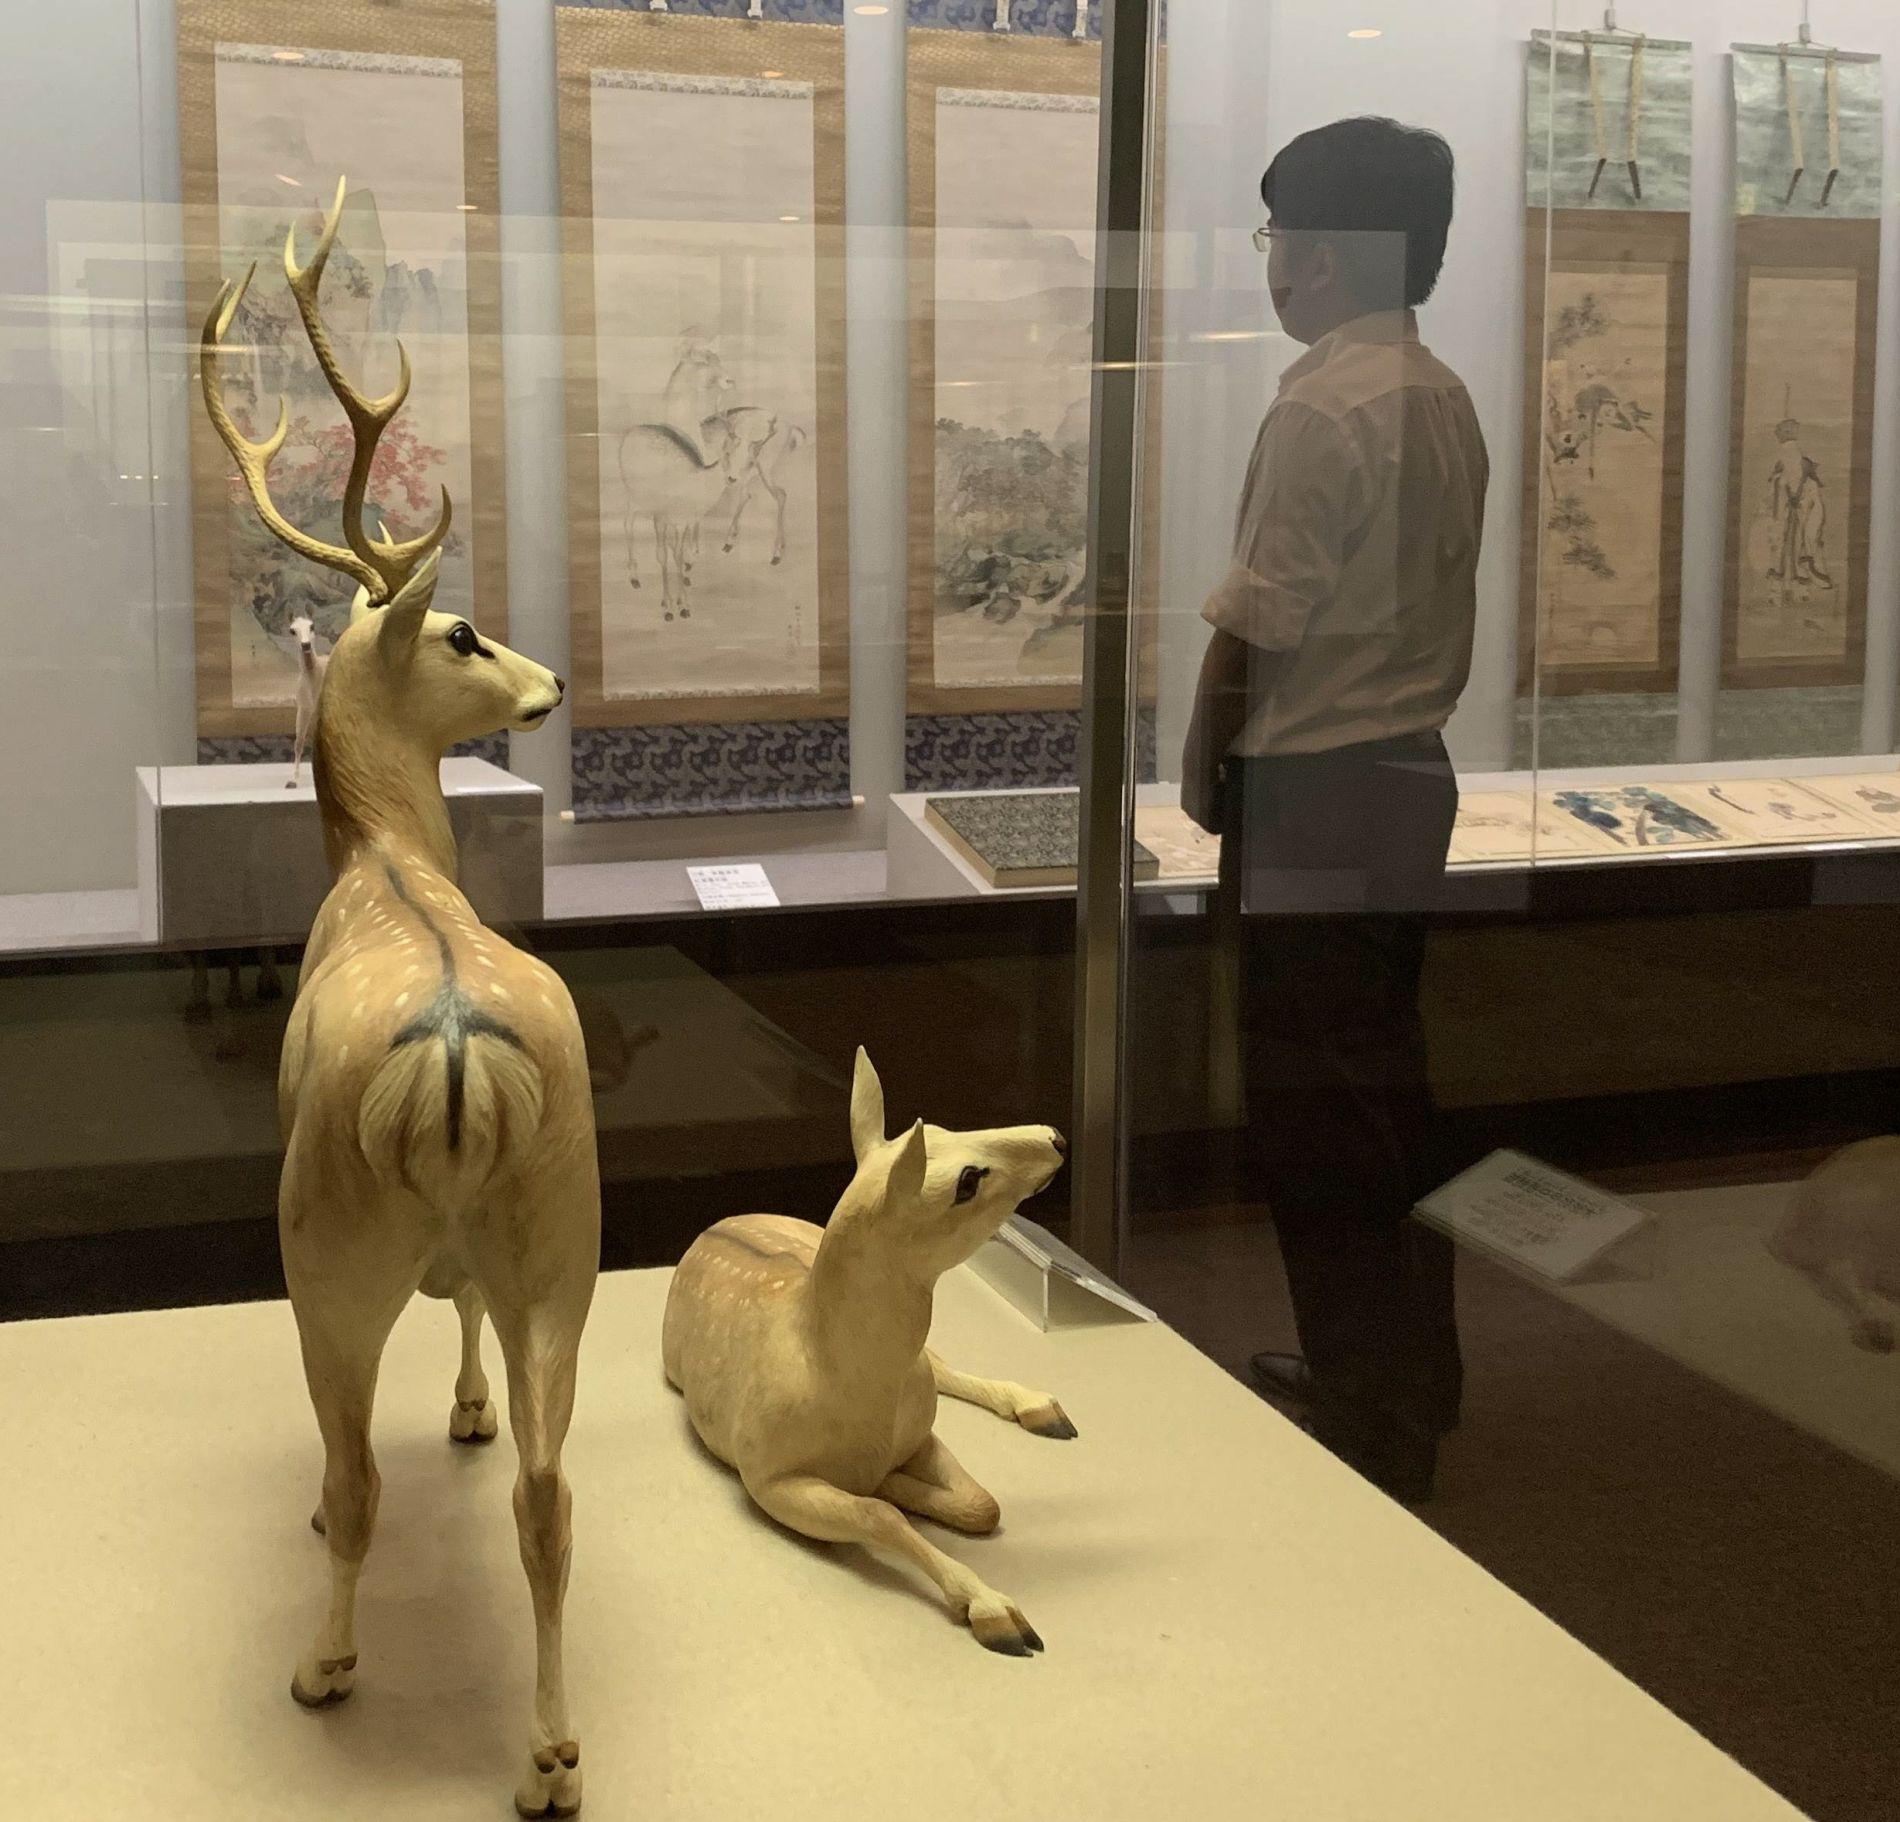 Japan Hakushika Memorial Sake Museum Exhibit Animals Depicted in Japanese Art 003